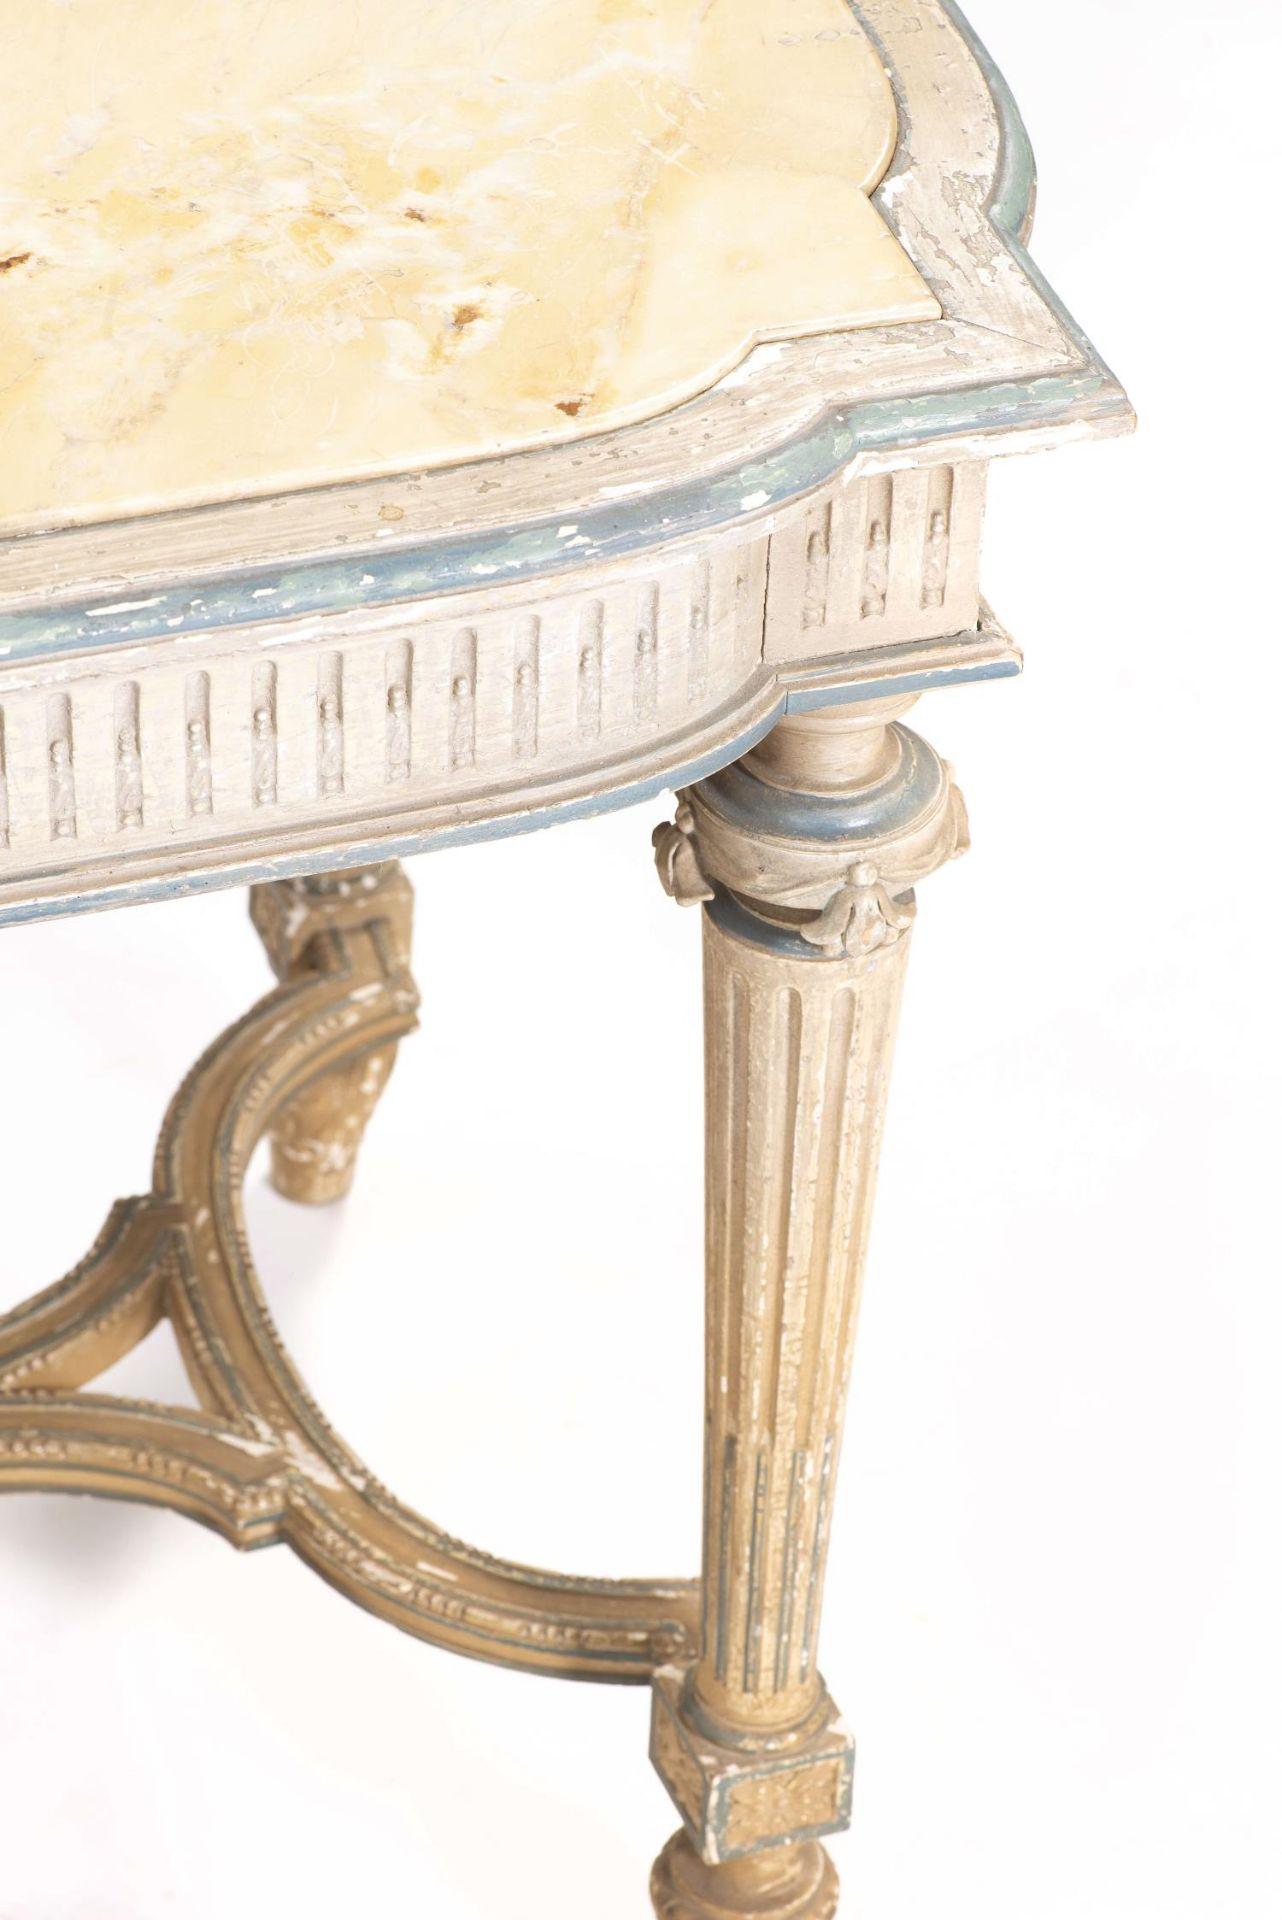 Table de chasse de style Louis XVI avec plateau de marbre jaune - Bild 2 aus 4